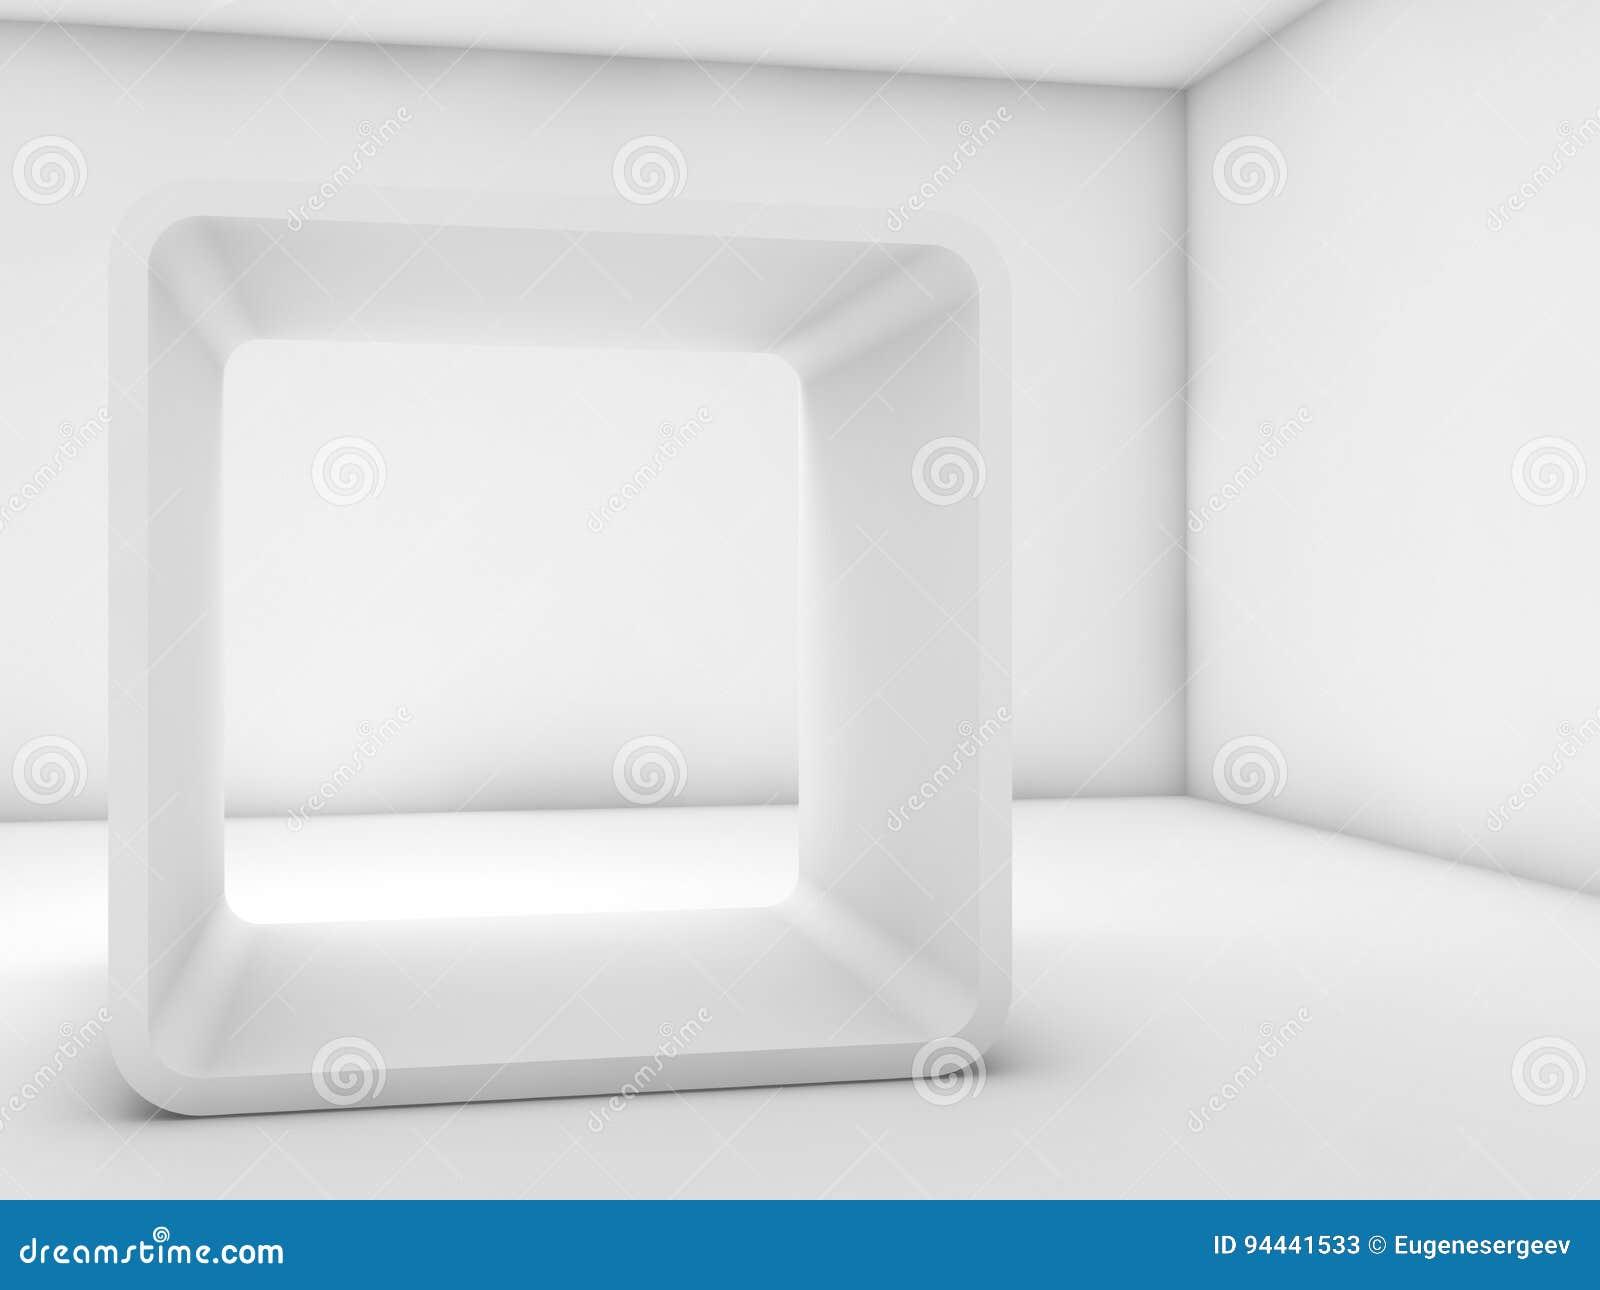 Instalación Blanca Del Marco De Caja Del Chaflán 3d Rinden Stock de ...